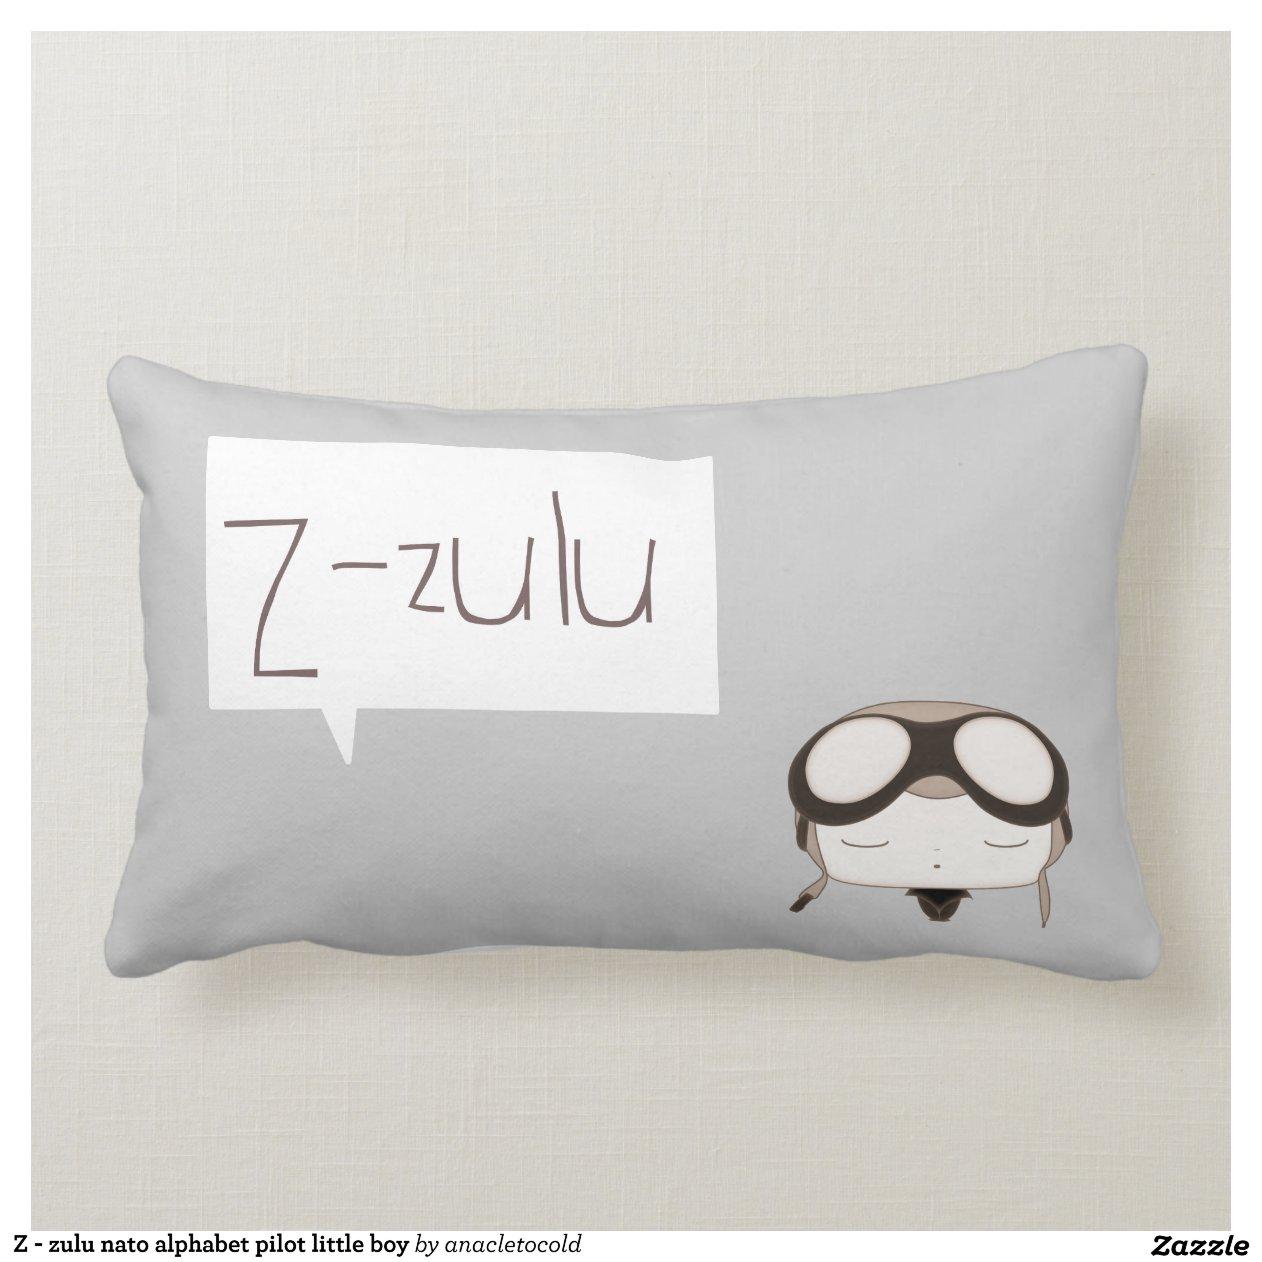 Zulu Alphabet Z - zulu nato alphabet pilot